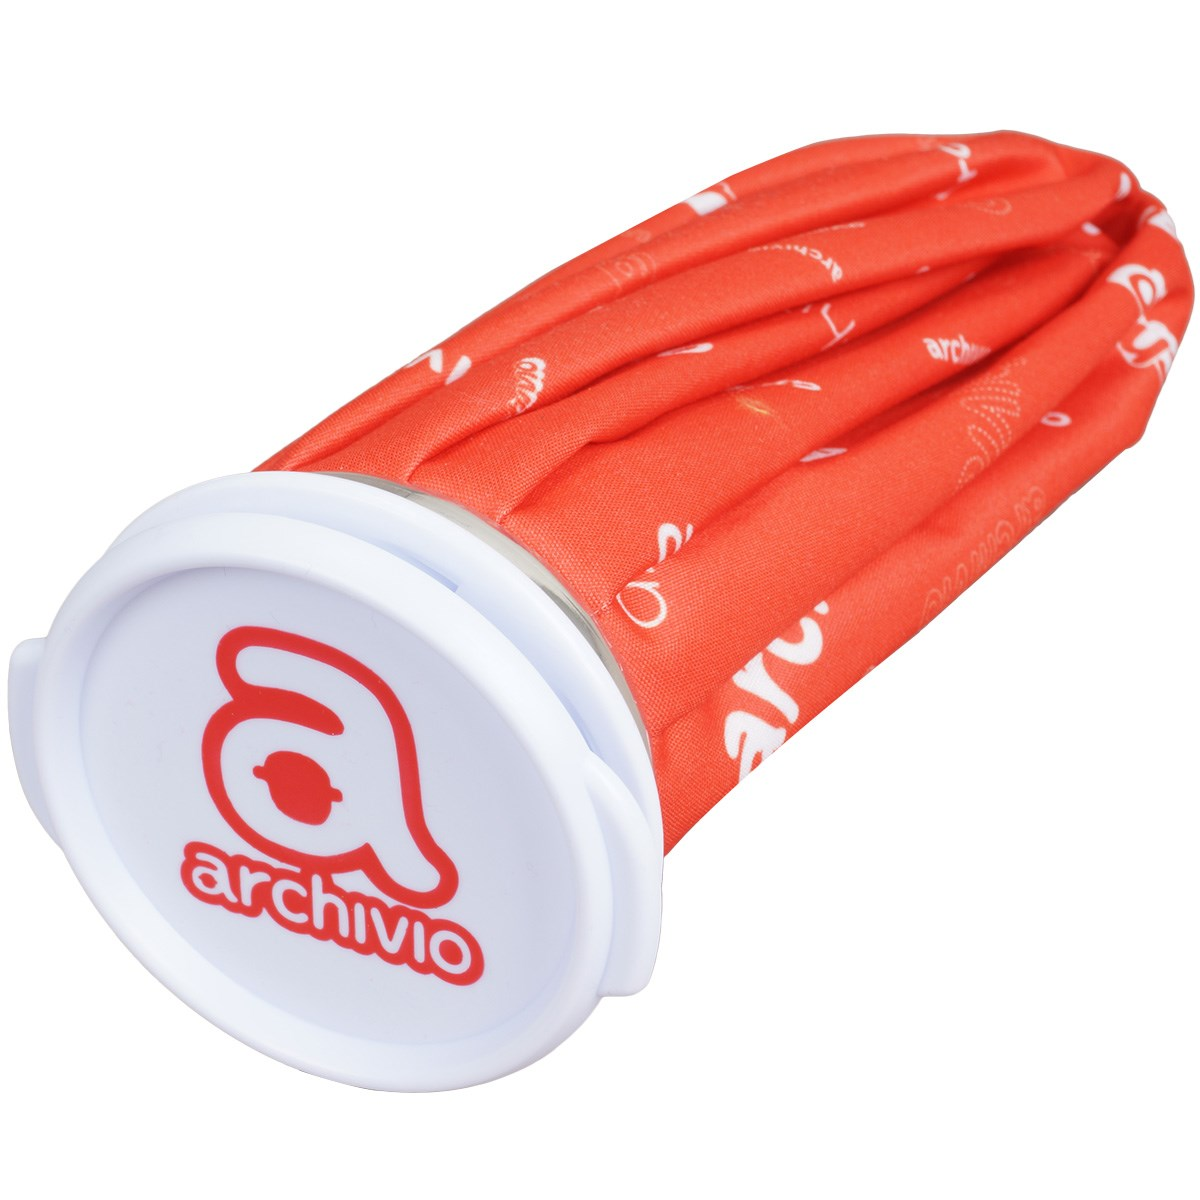 アルチビオ(archivio) アイスバッグ